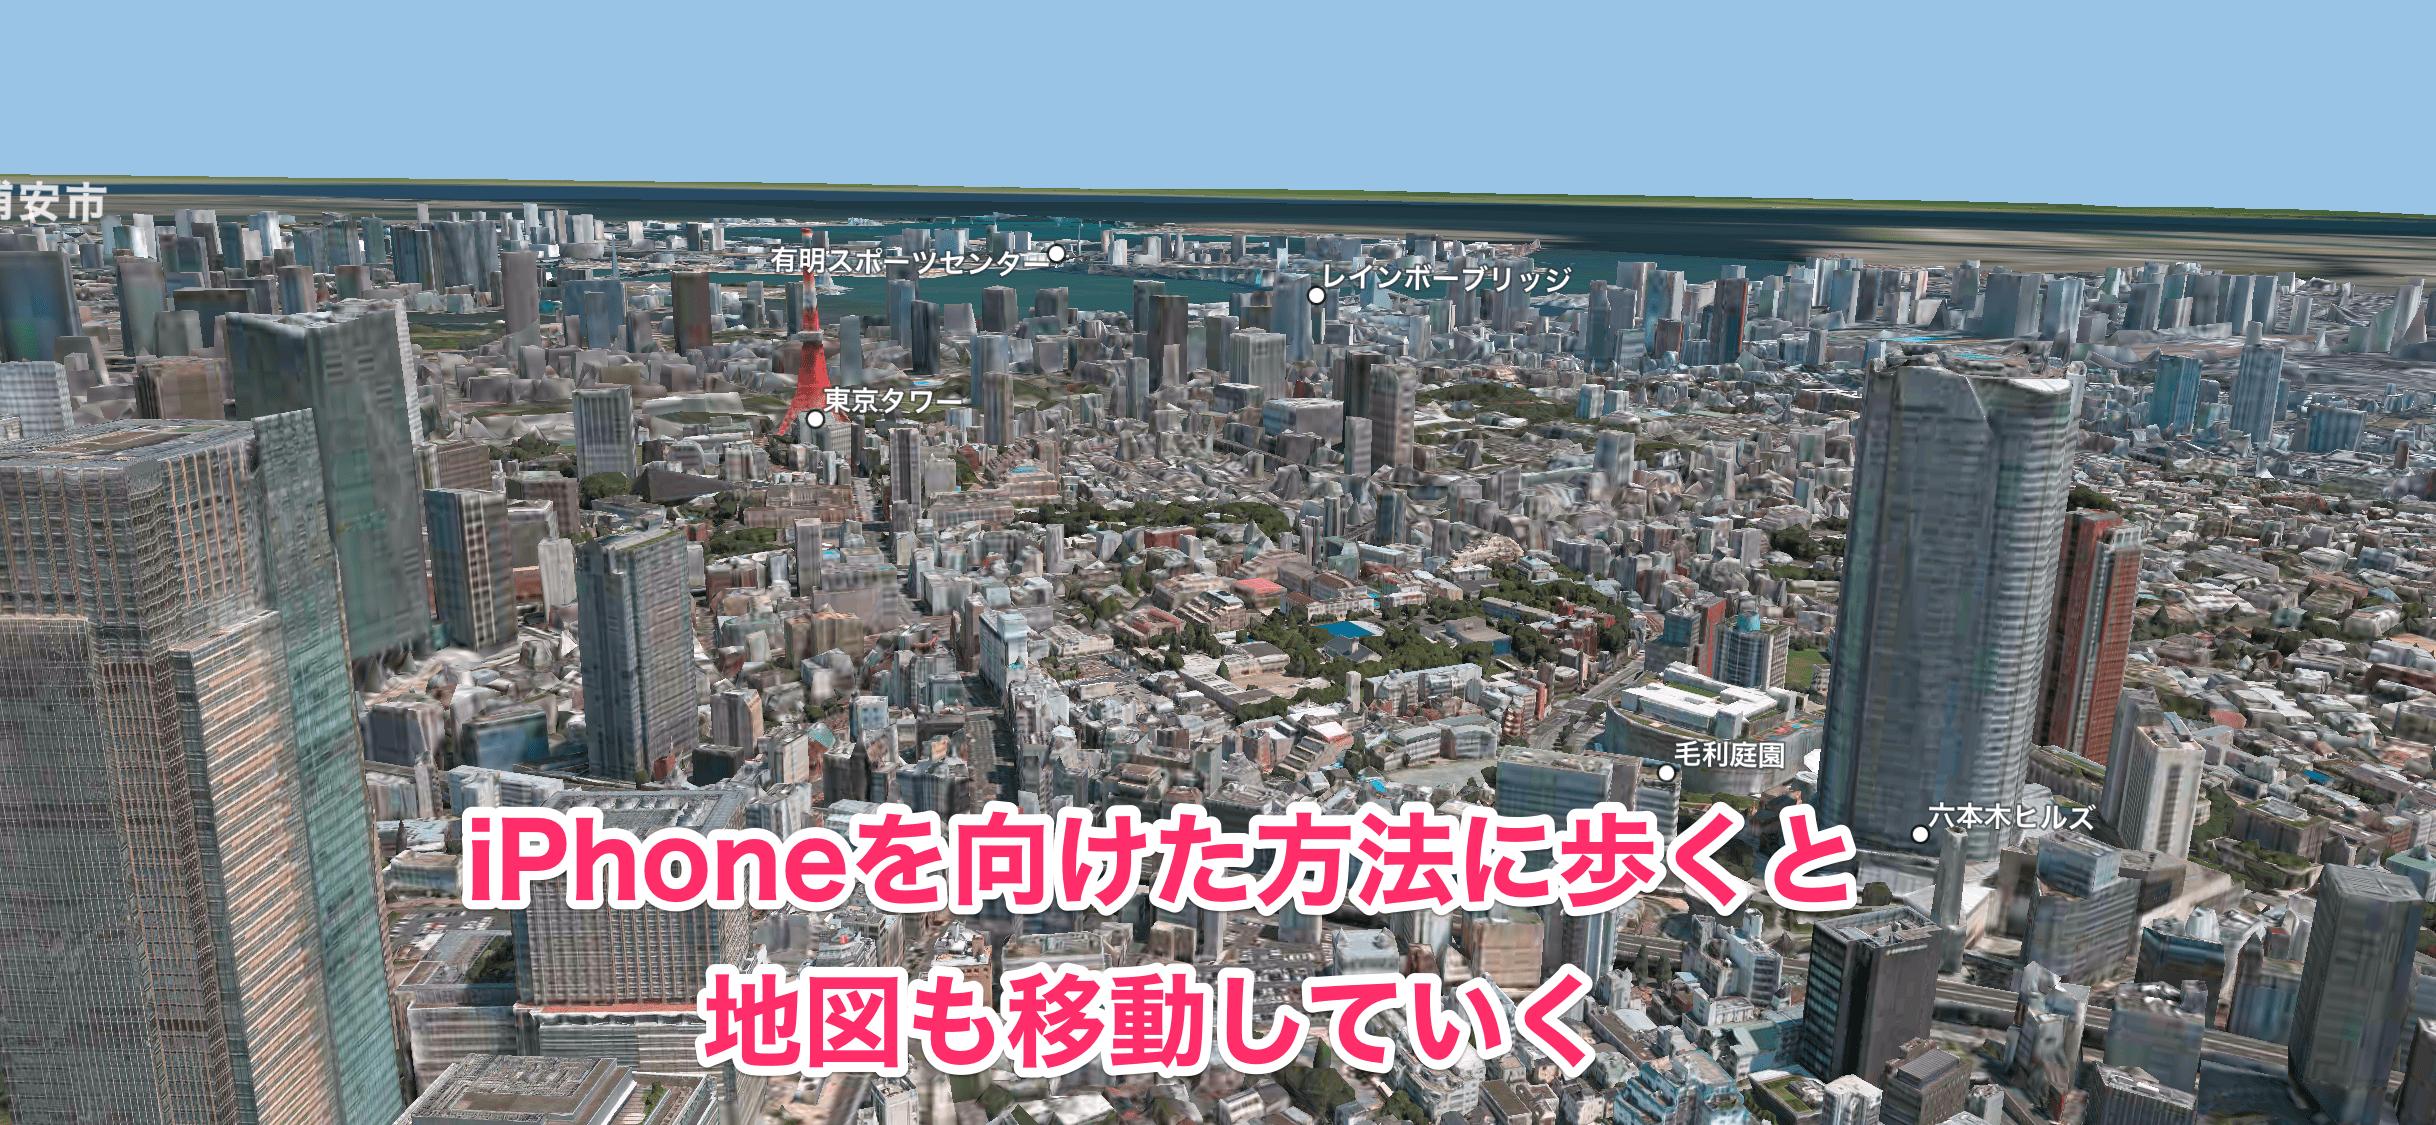 巨人の視点で見下ろす快感! iPhone標準マップの3D機能「Flyover」で手軽にVRを体験する